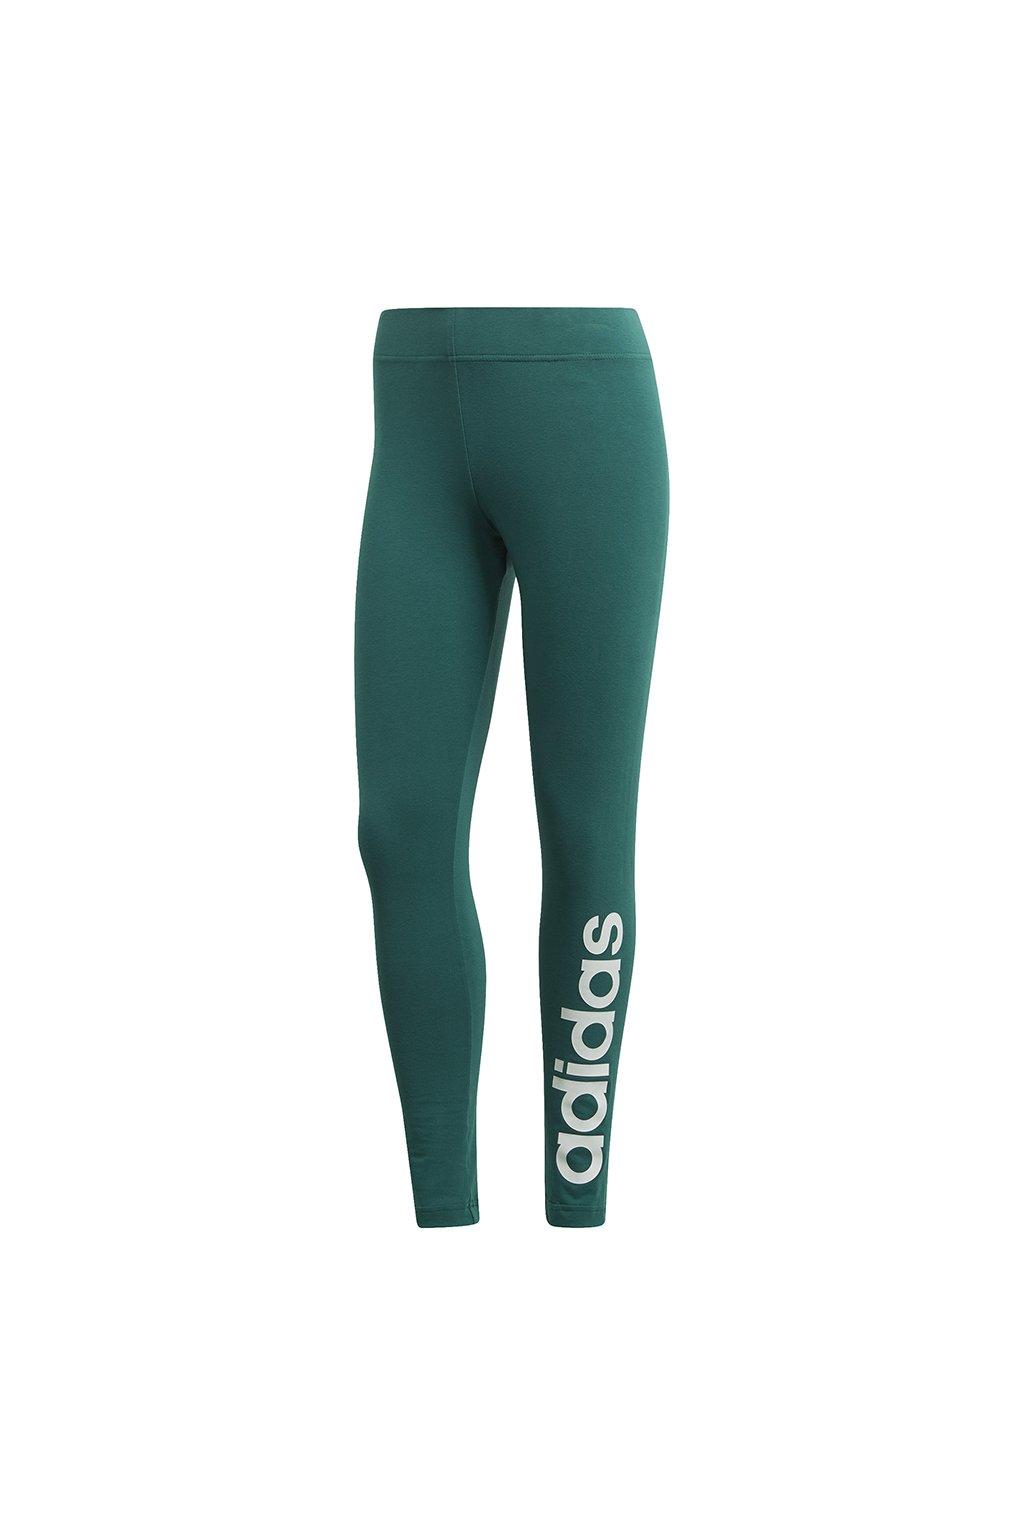 Dámske legíny adidas W Essentials Linear Tight Green FM6691